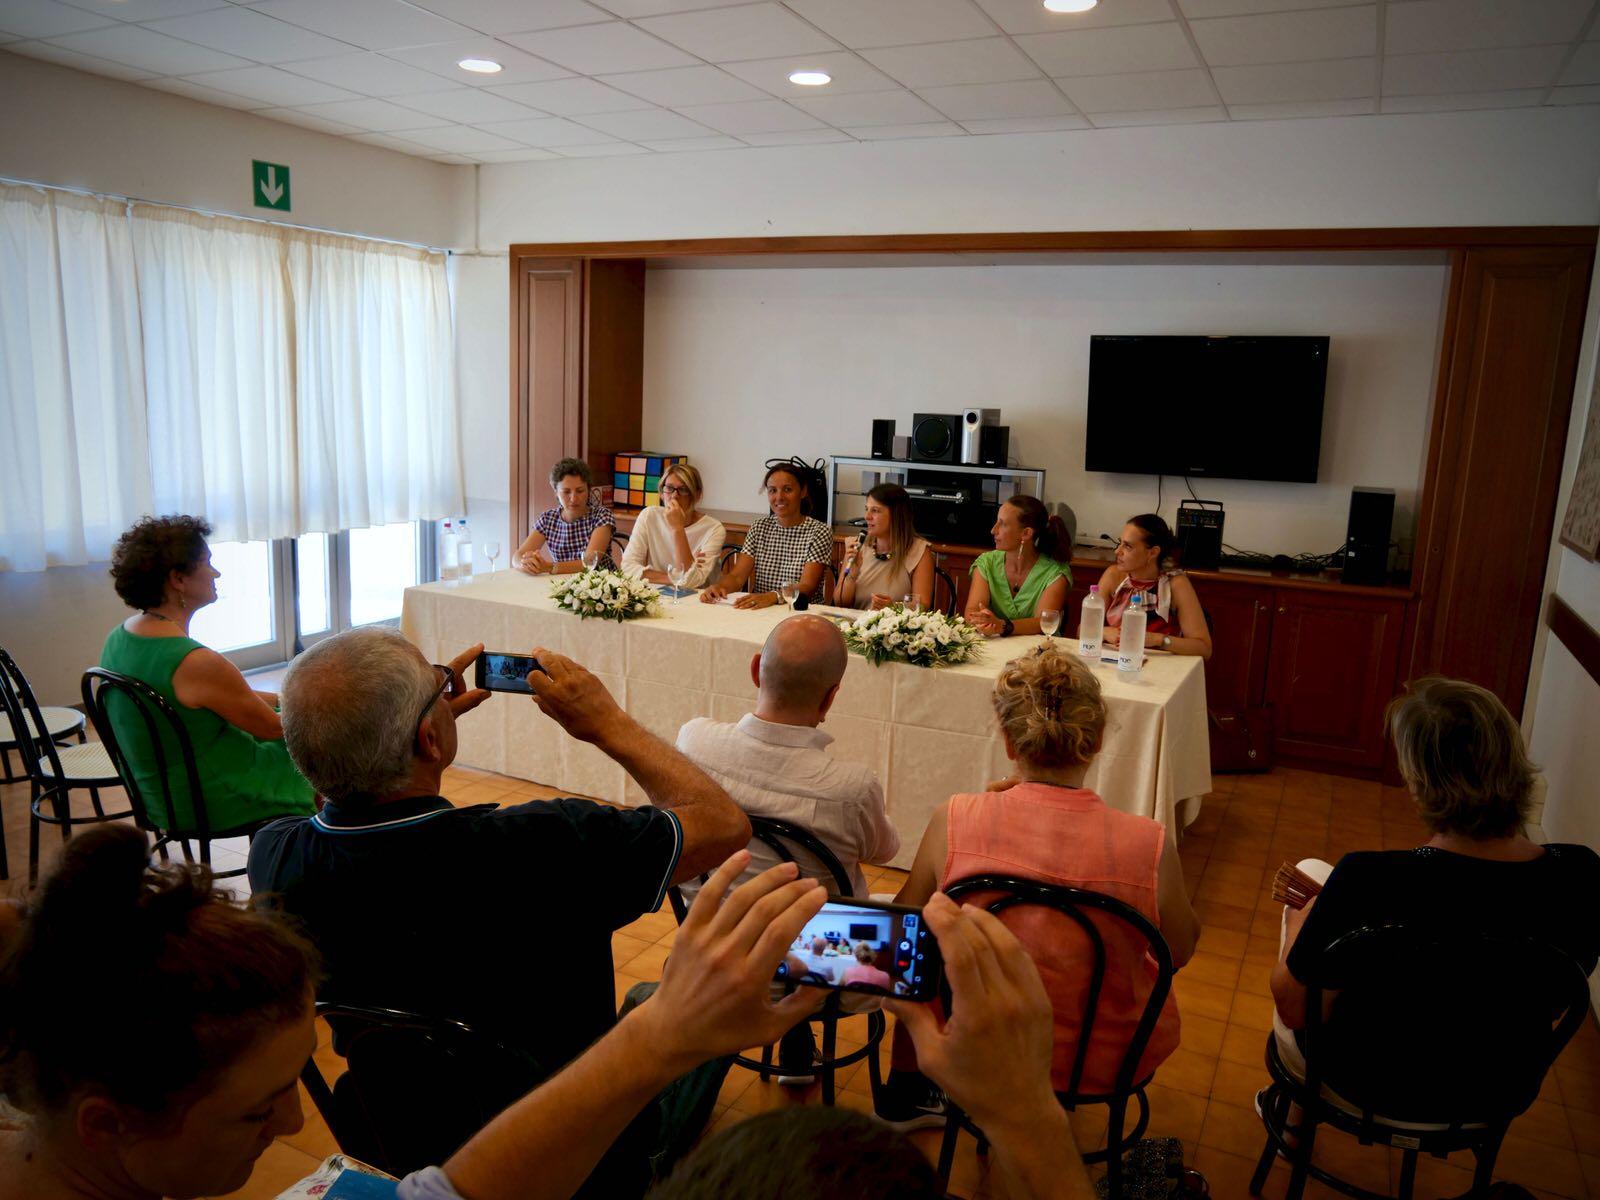 Conferenza Stampa presentazione libro Laura Costaro - A Passion for Tourism 2019.07.26 - 2